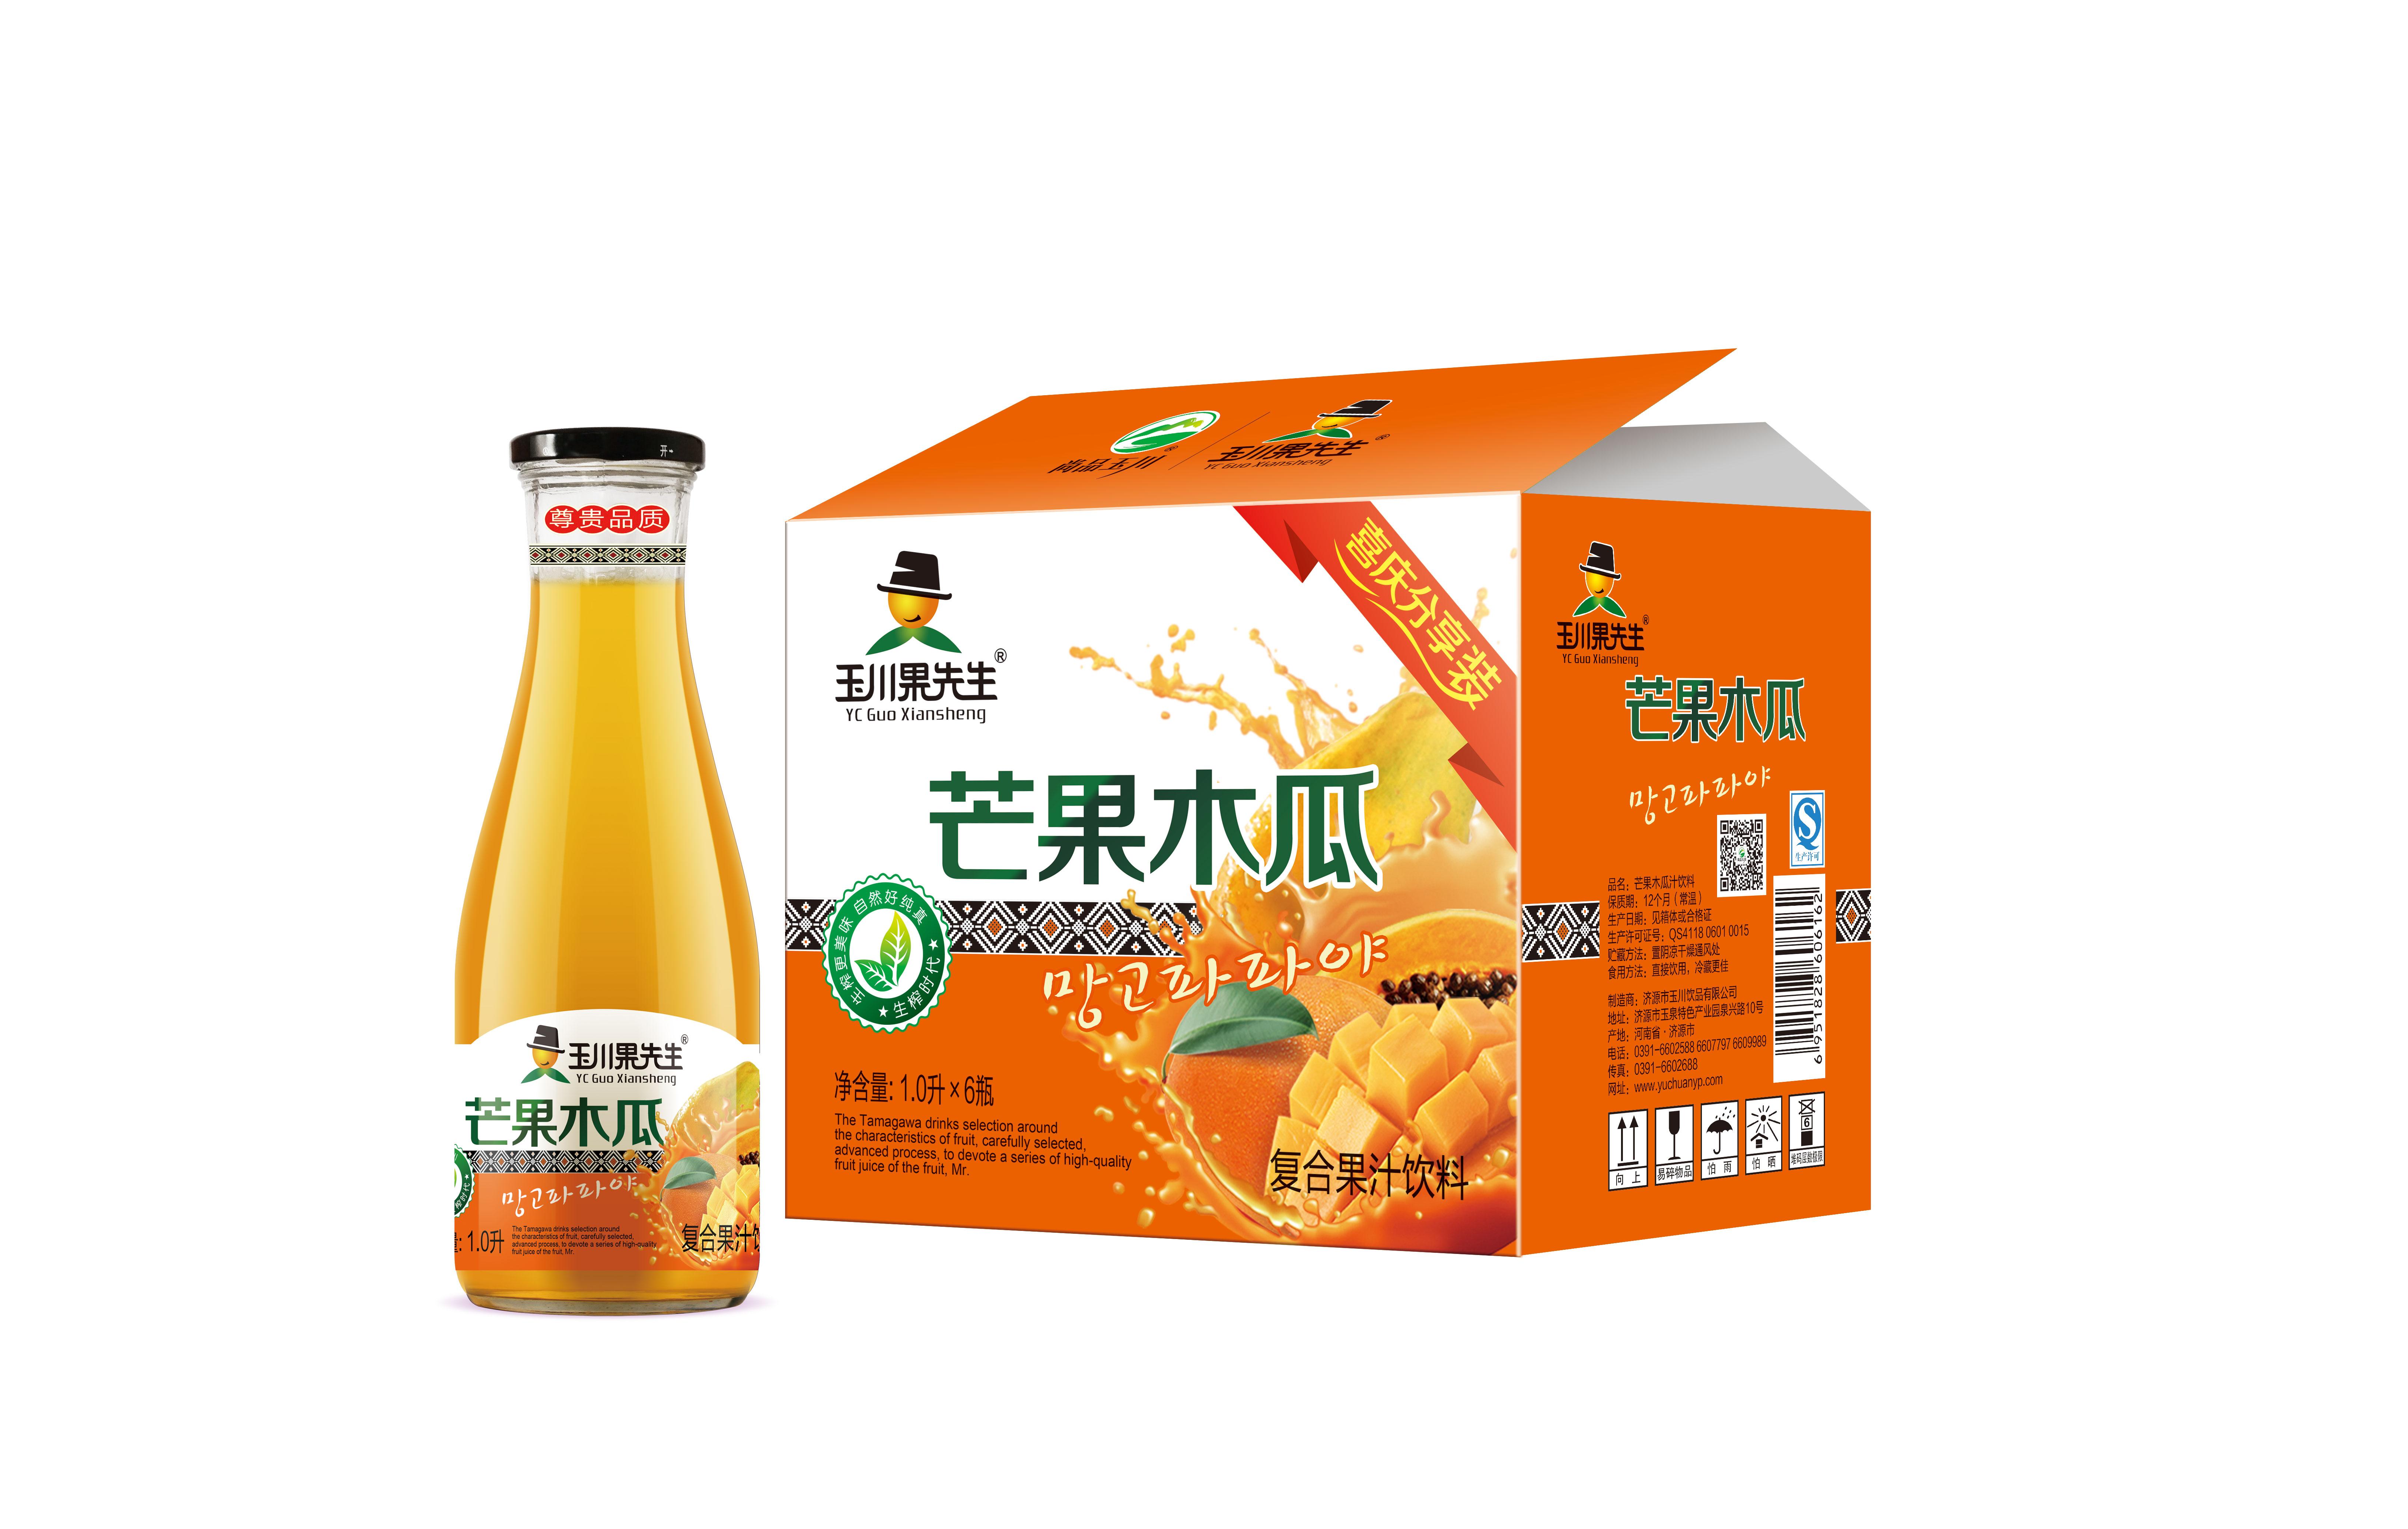 1L×6 玉川果先生63#芒果木瓜果汁饮料